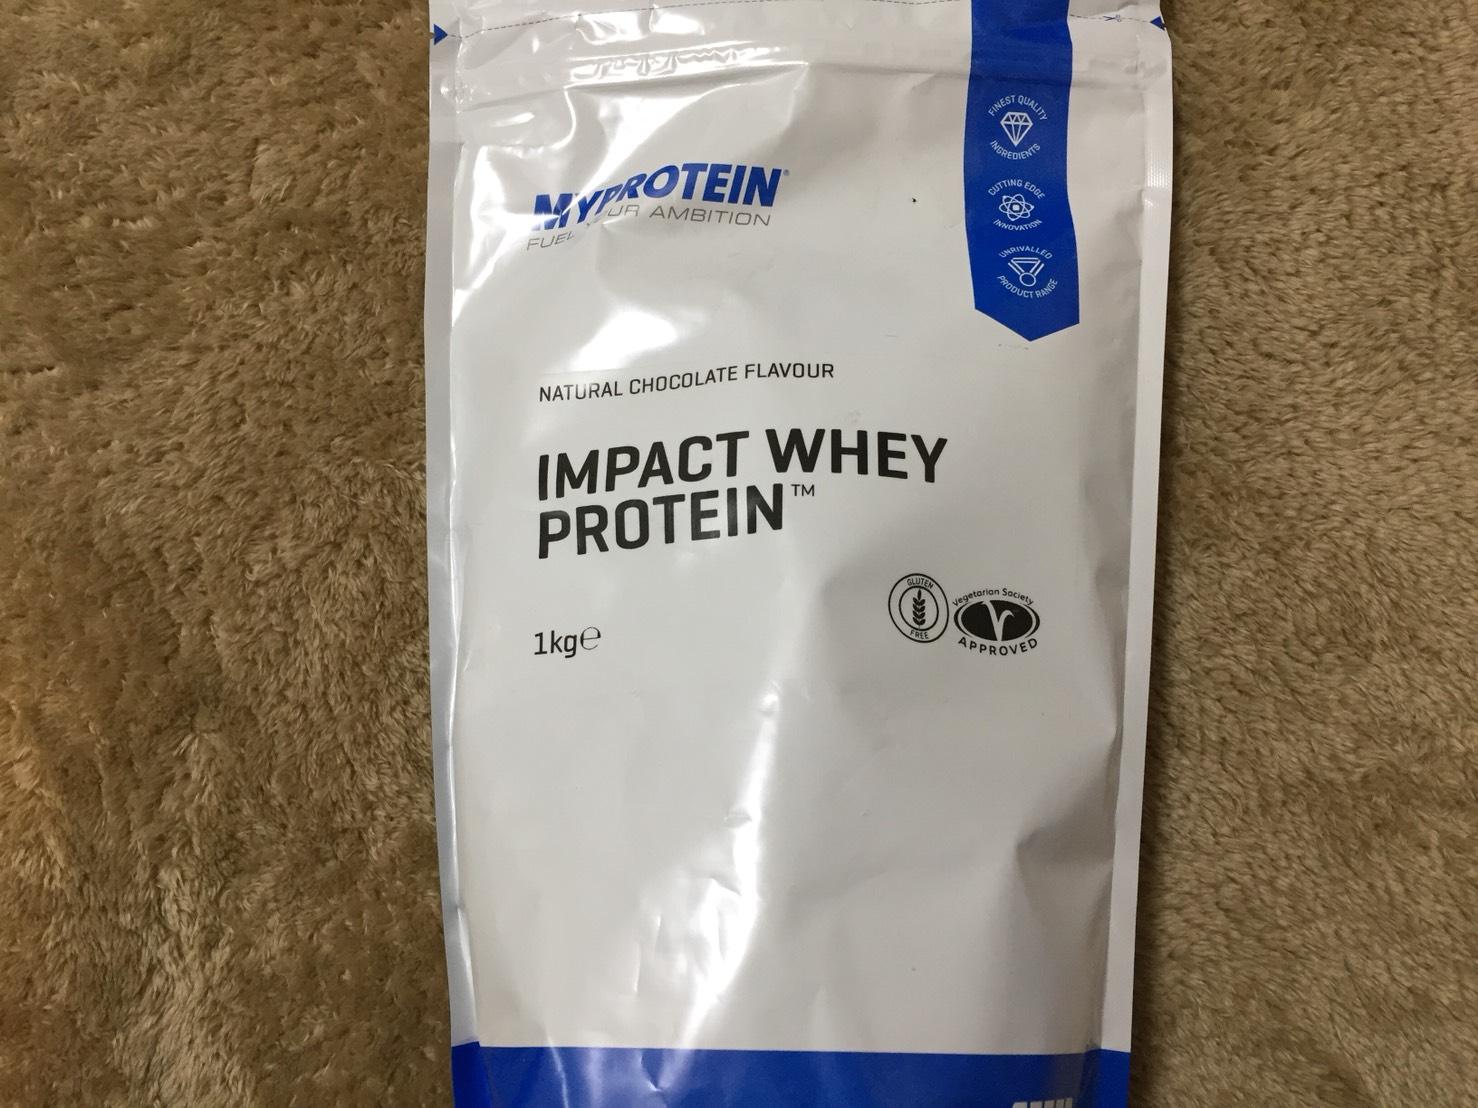 IMPACTホエイプロテイン1kg (ナチュラルチョコレート味)